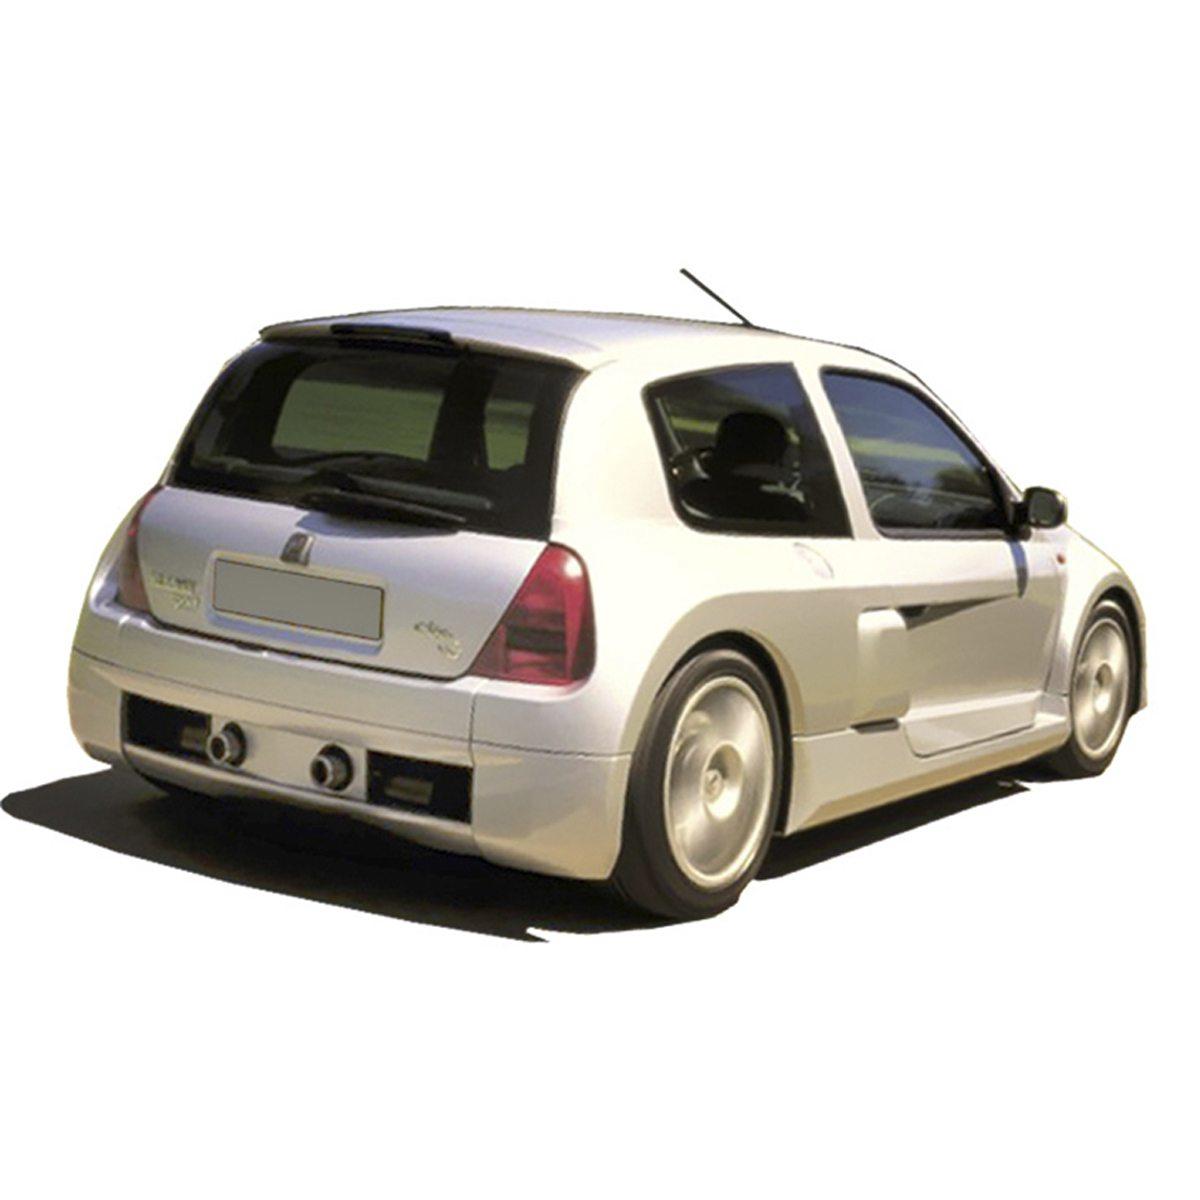 Renault-Clio-98-V6-Tras